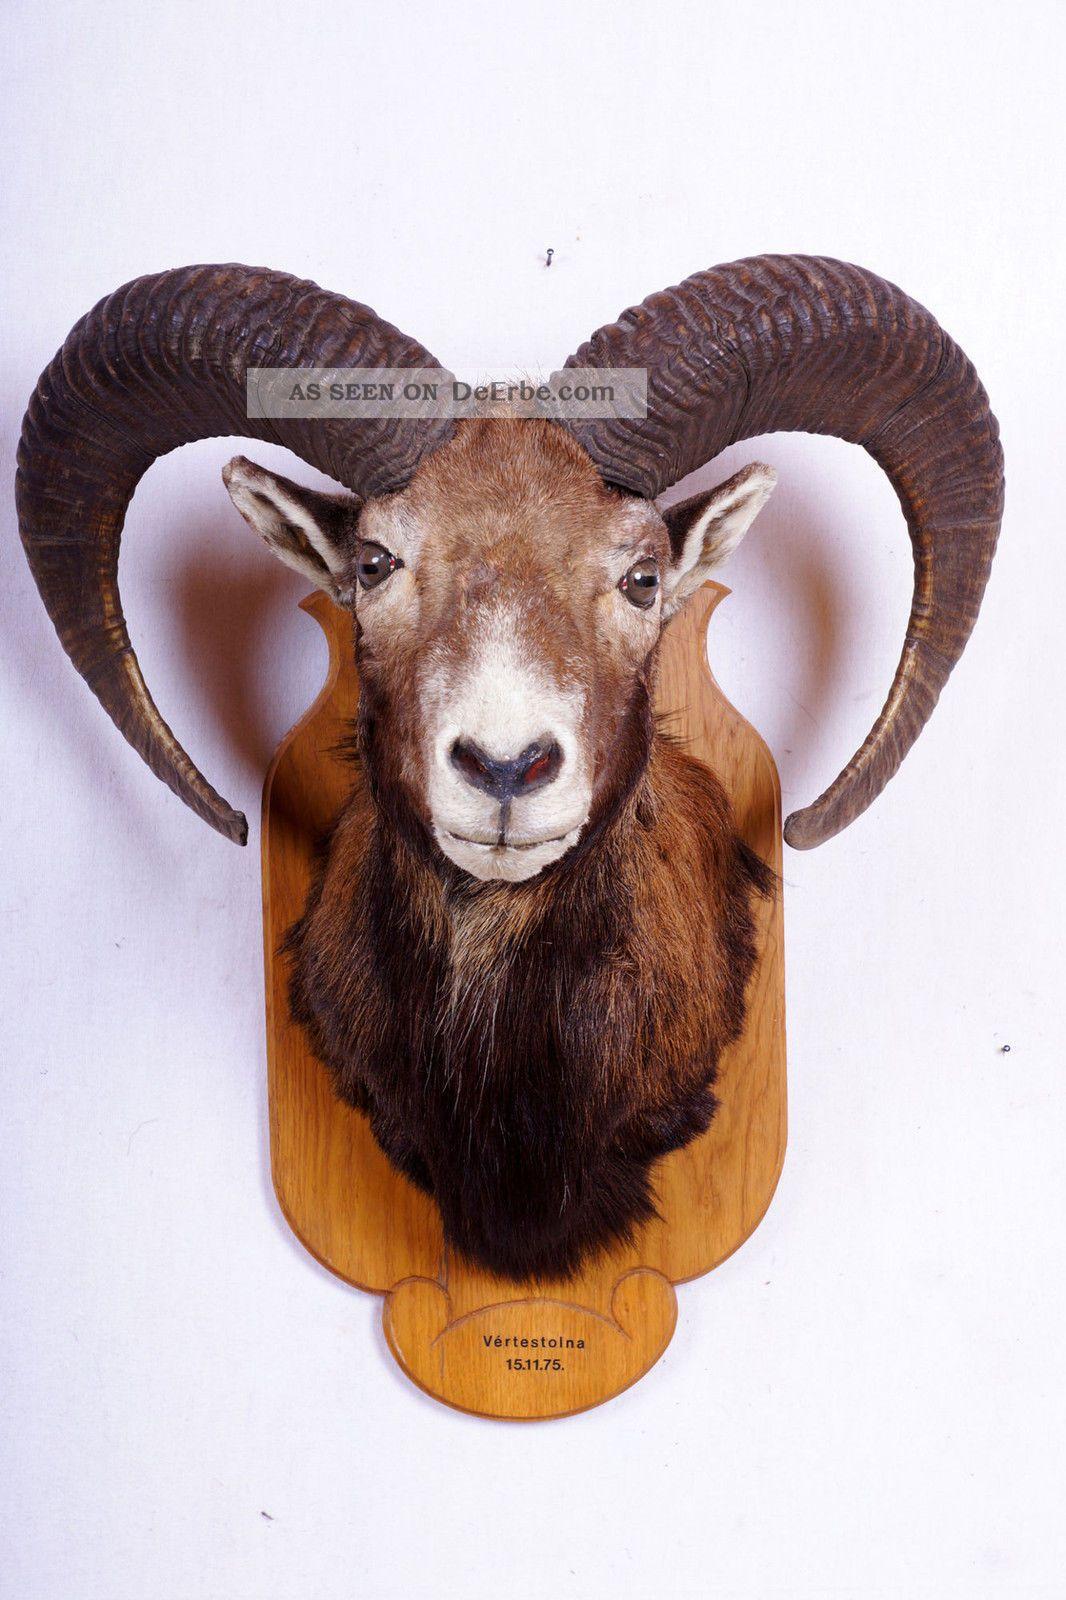 Schönes Mufflon Auf Trophäenbrett Mouflon Taxidermy Mit Bescheinigung Jagd & Fischen Bild